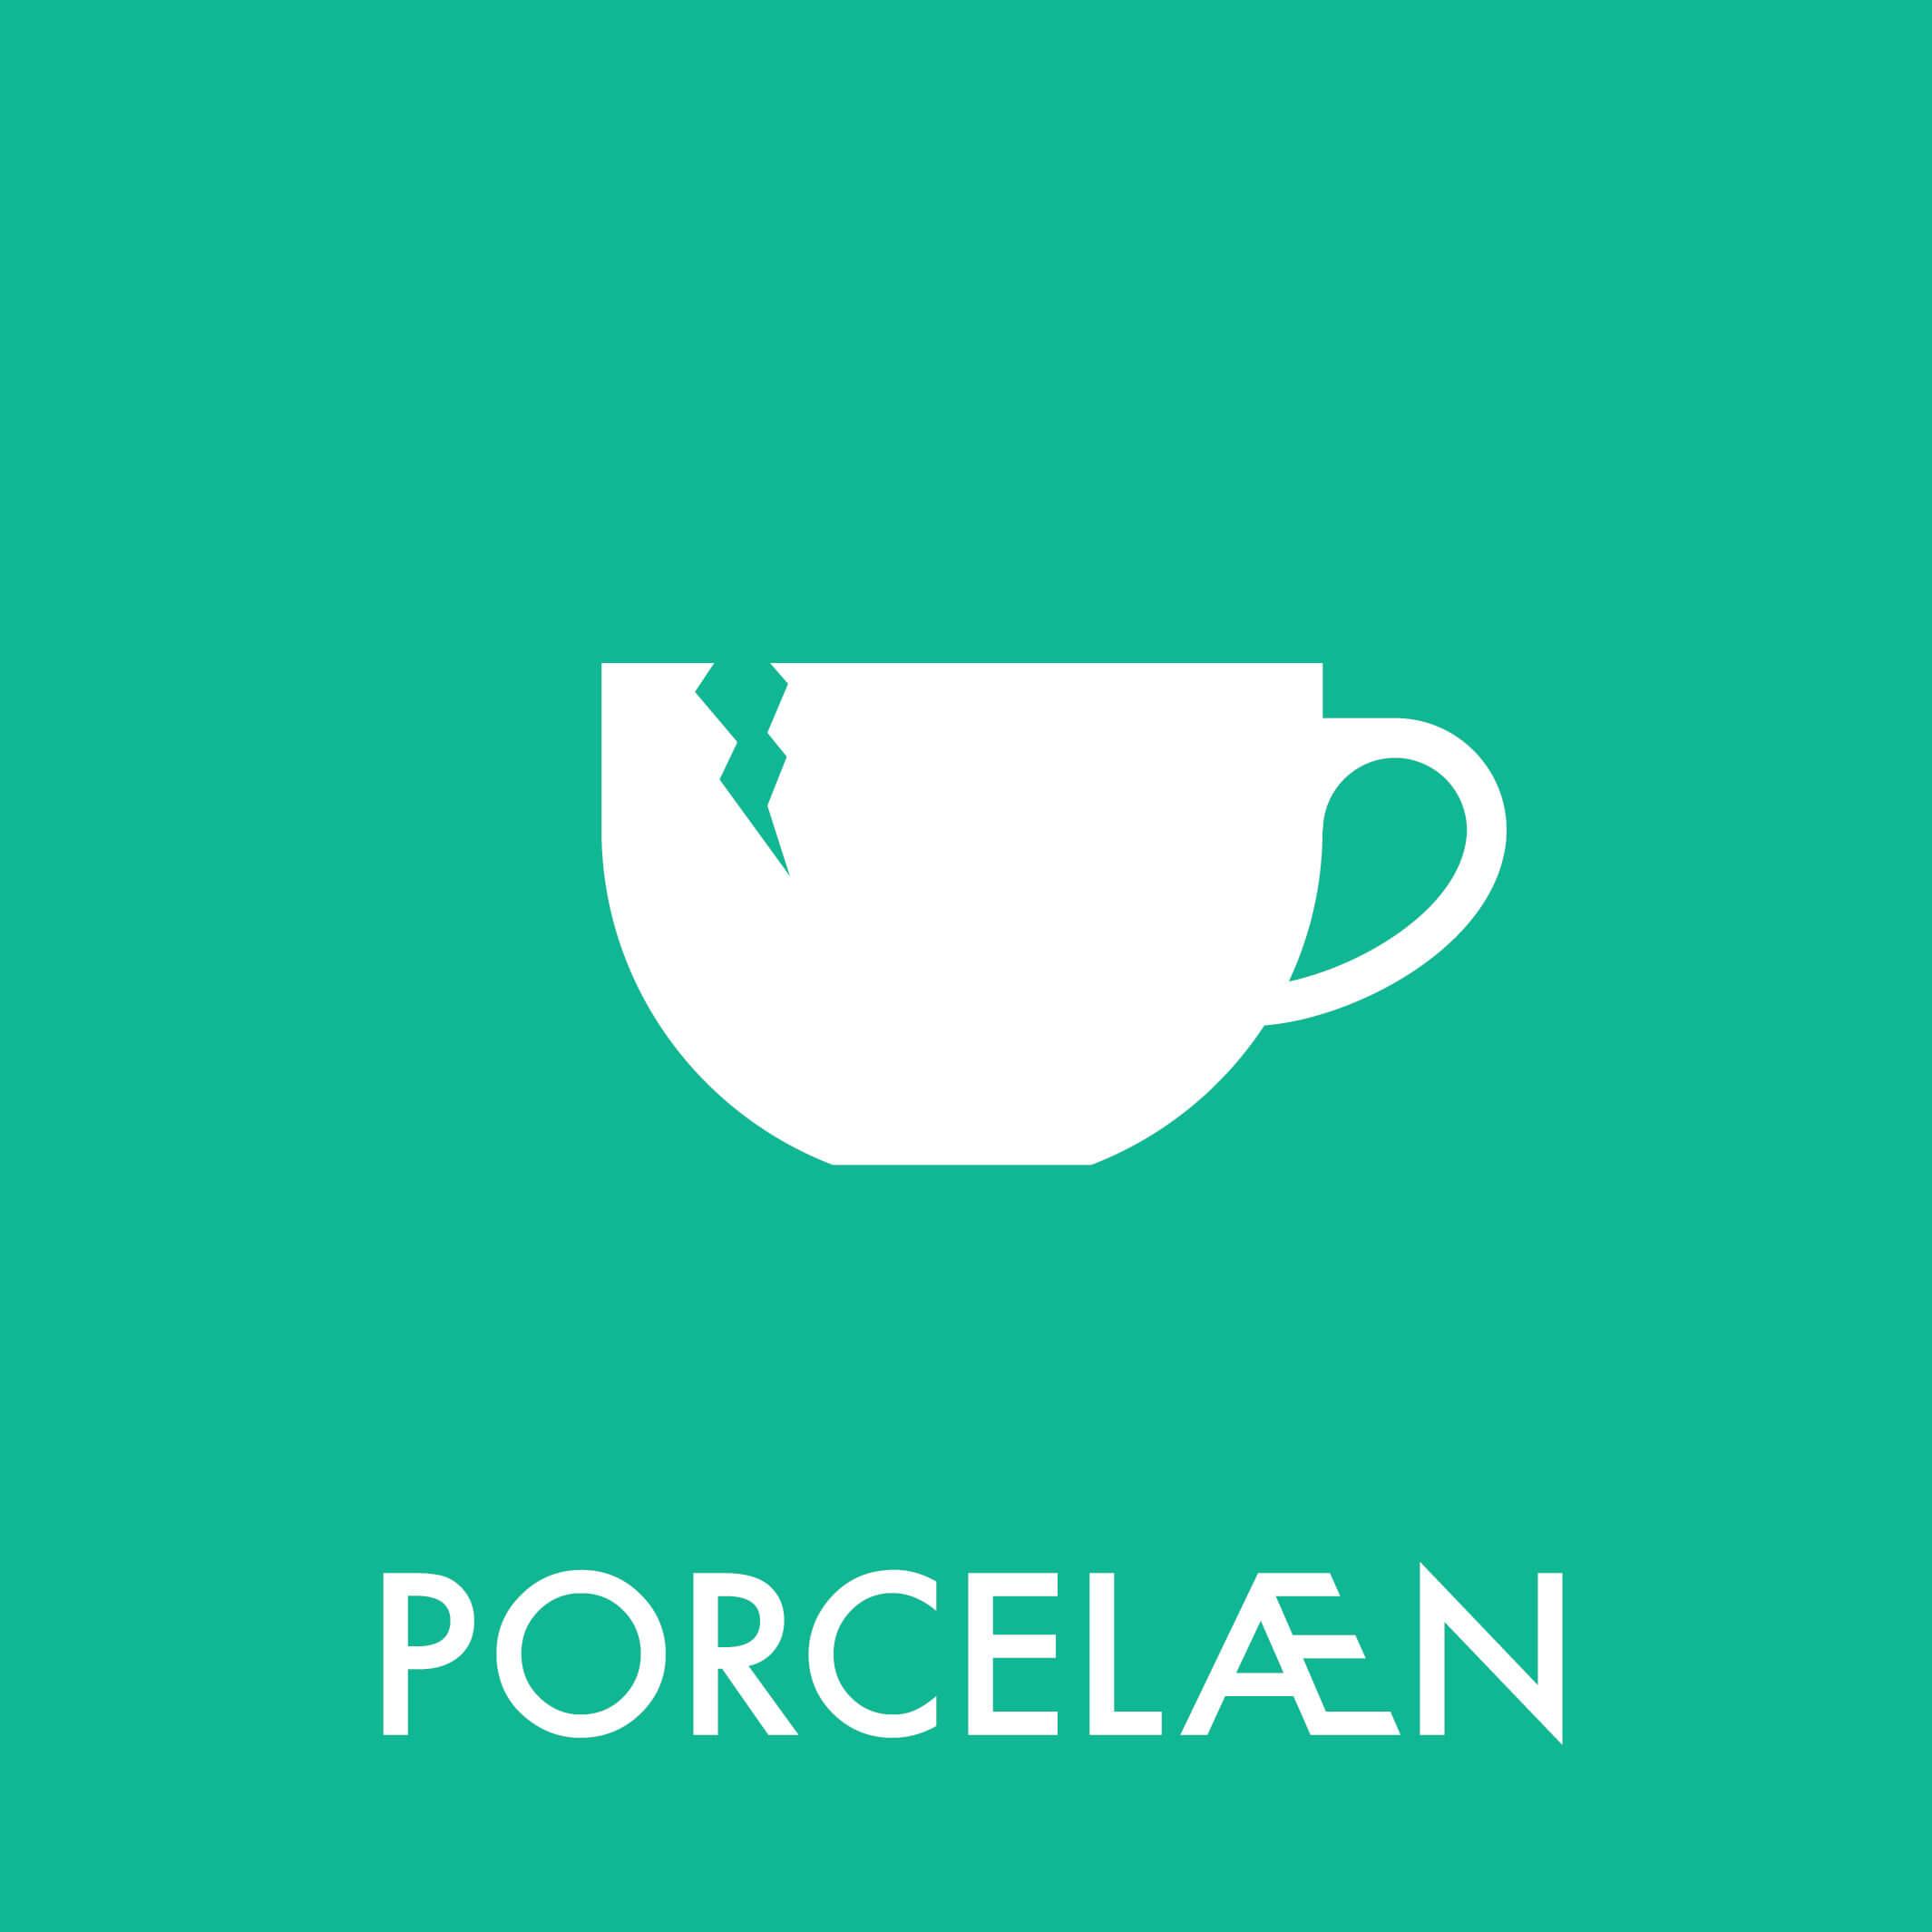 Dansk Affaldssortering - Porcelæn